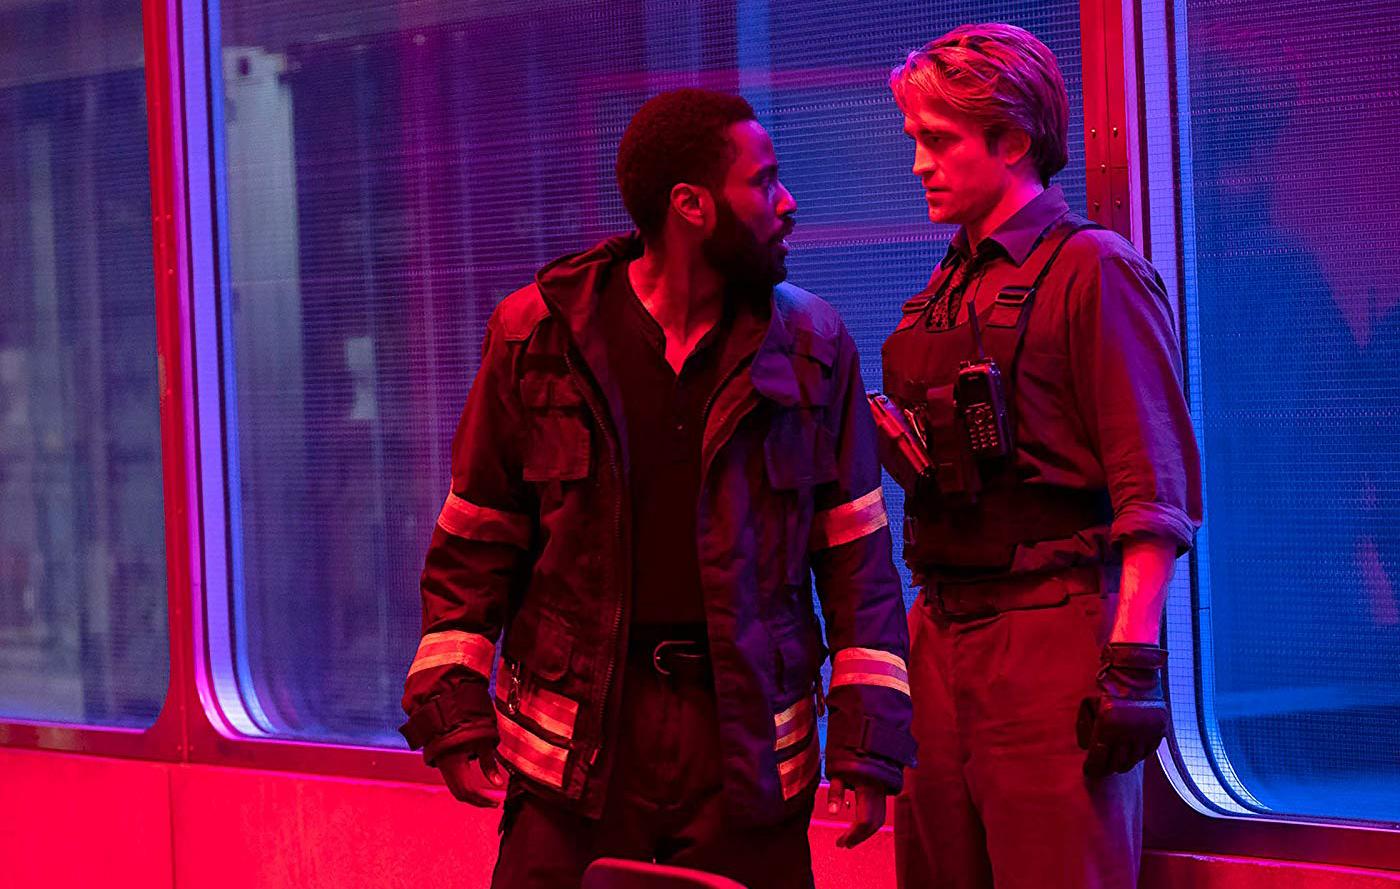 """Christopher Nolan hy vọng """"Tenet"""" có thể """"hồi sinh"""" các rạp chiếu phim -  Ragus"""